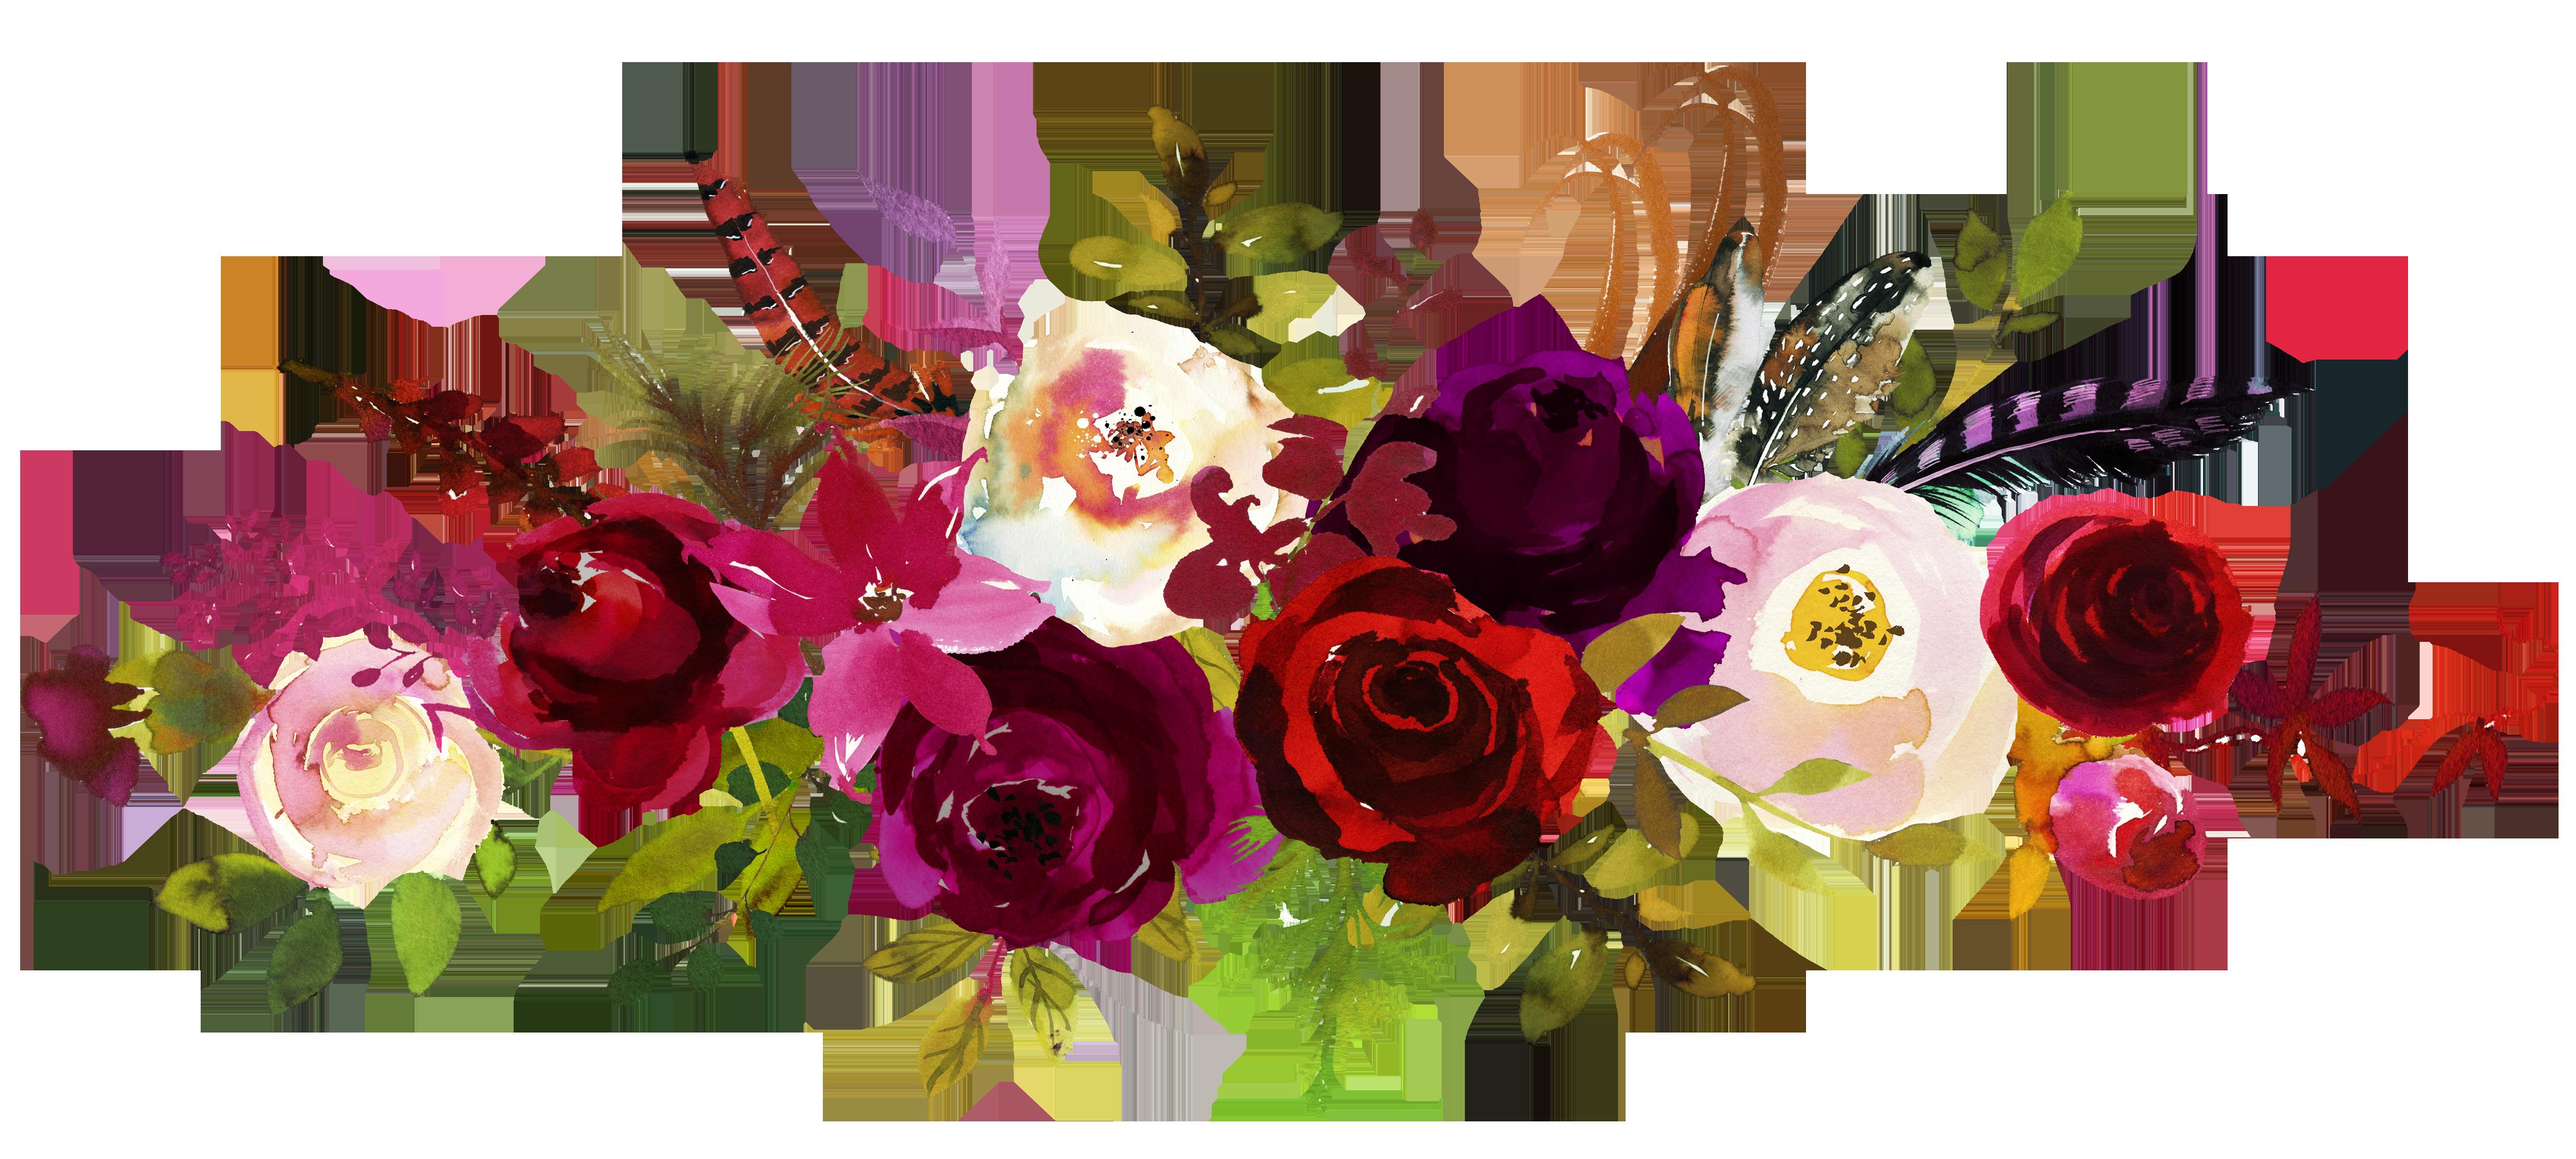 Imagen sobre Fondos de flores de TL en Kwiatowe Color de